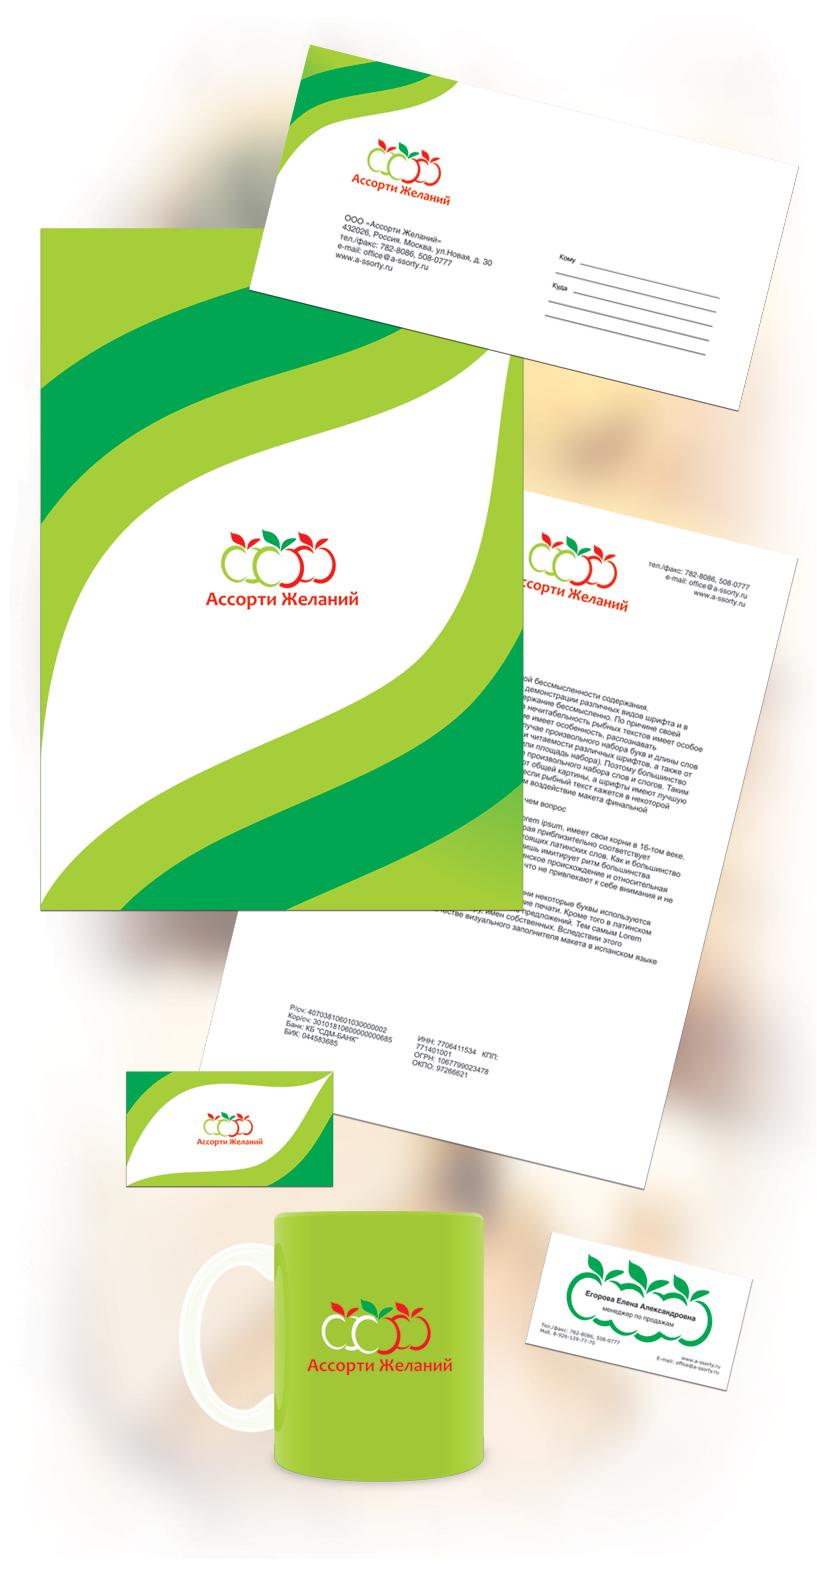 Продуктовые логотипы, бесплатные фото ...: pictures11.ru/produktovye-logotipy.html